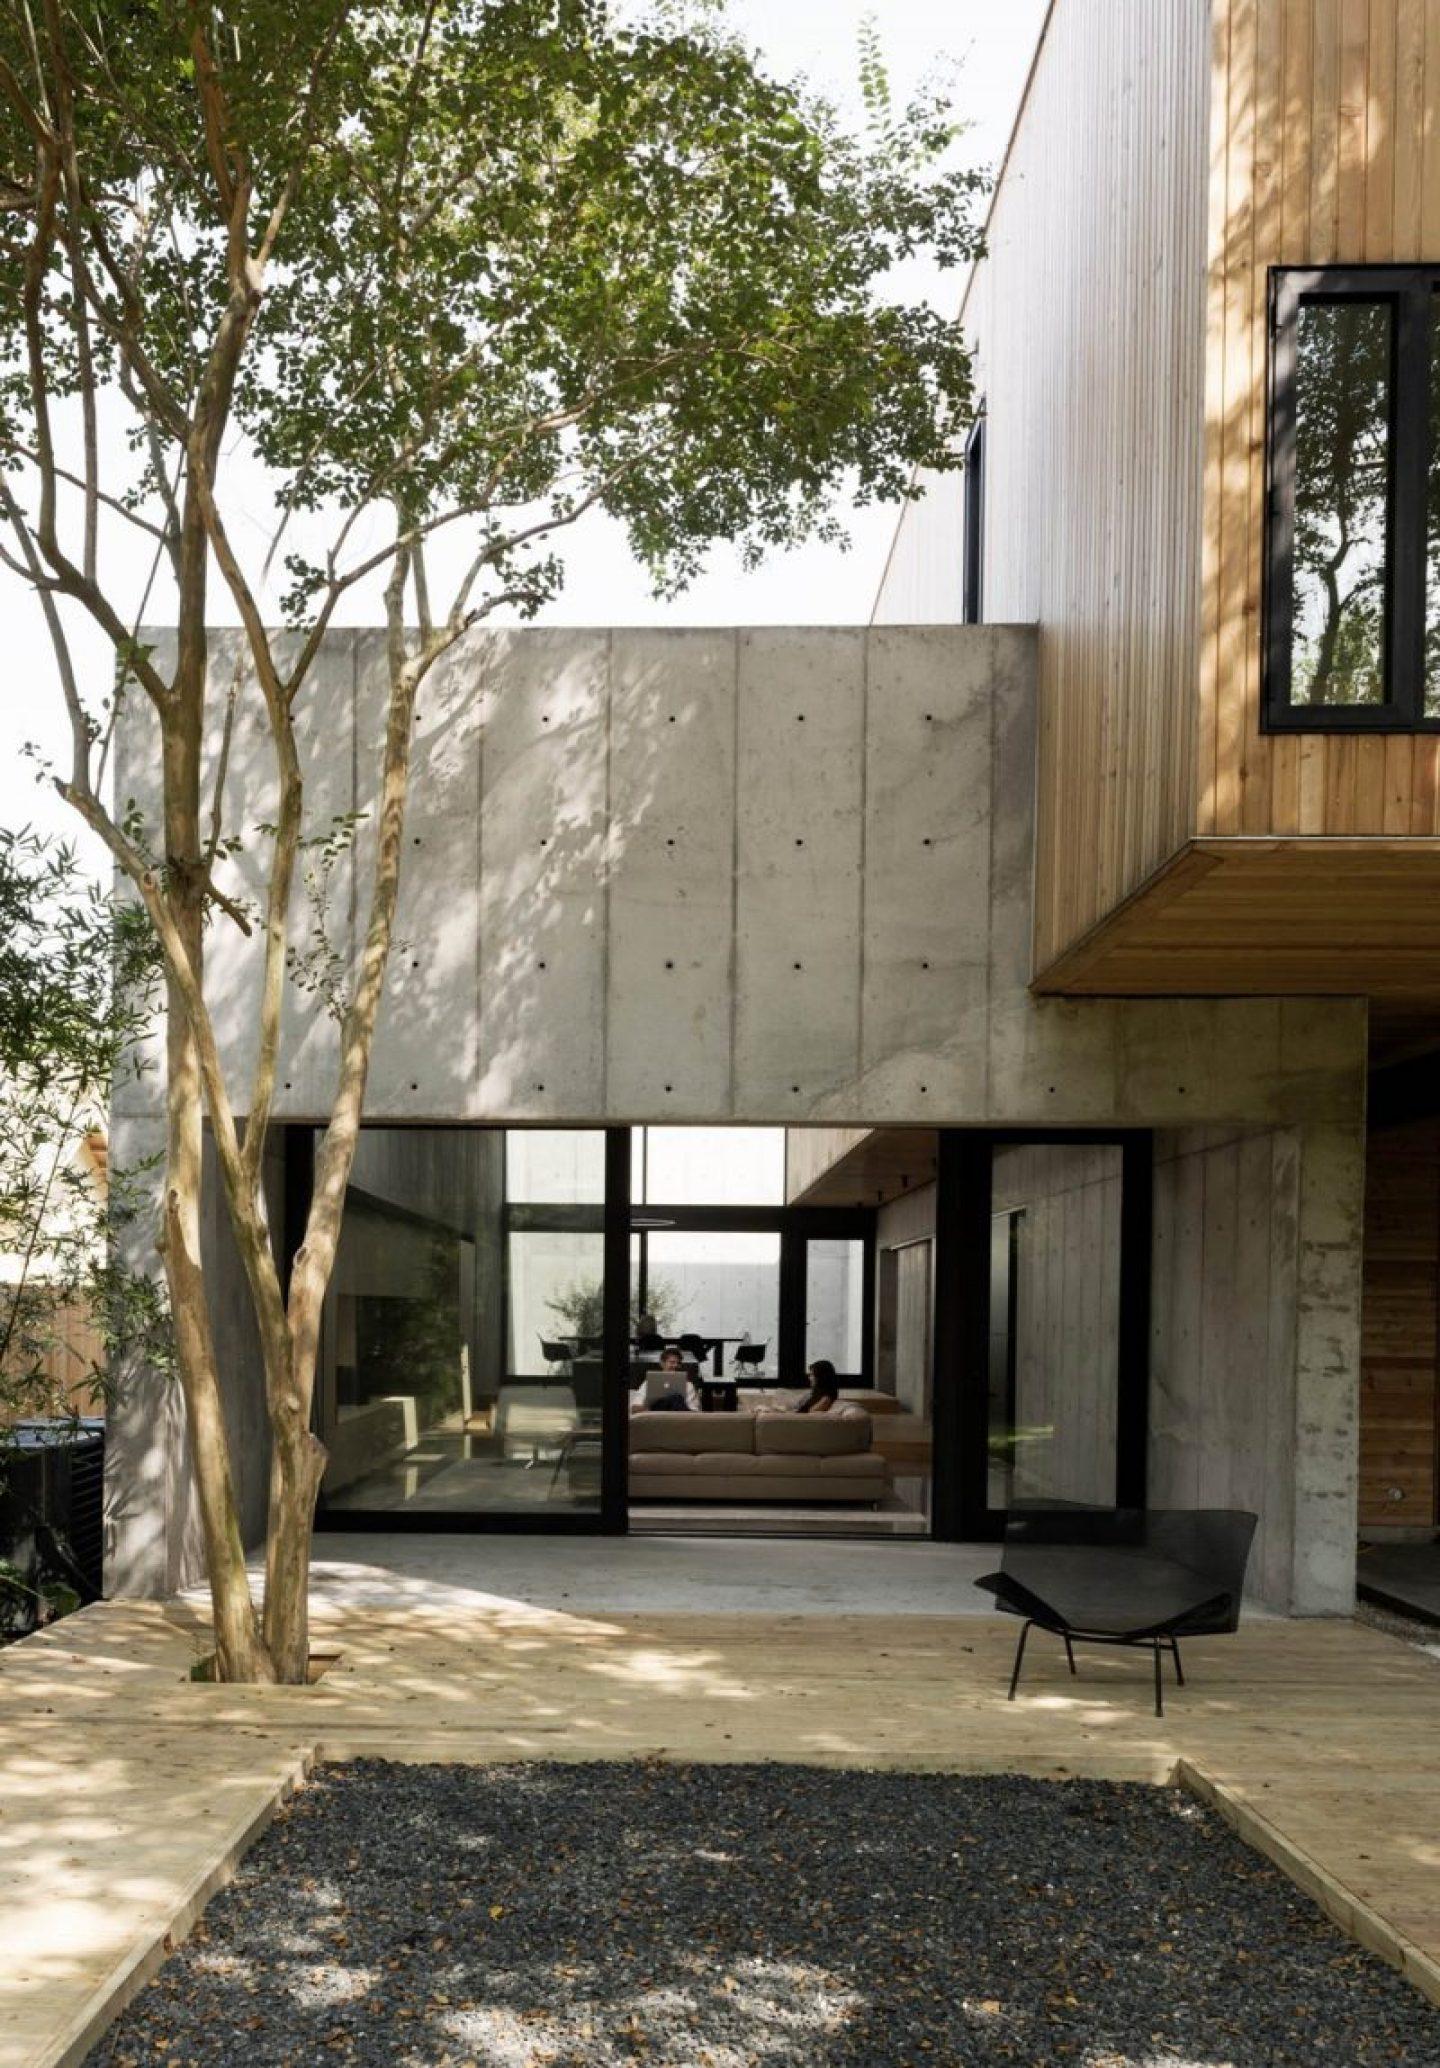 iGNANT_Architecture_Robertson_Design_Concrete_Box_House_7